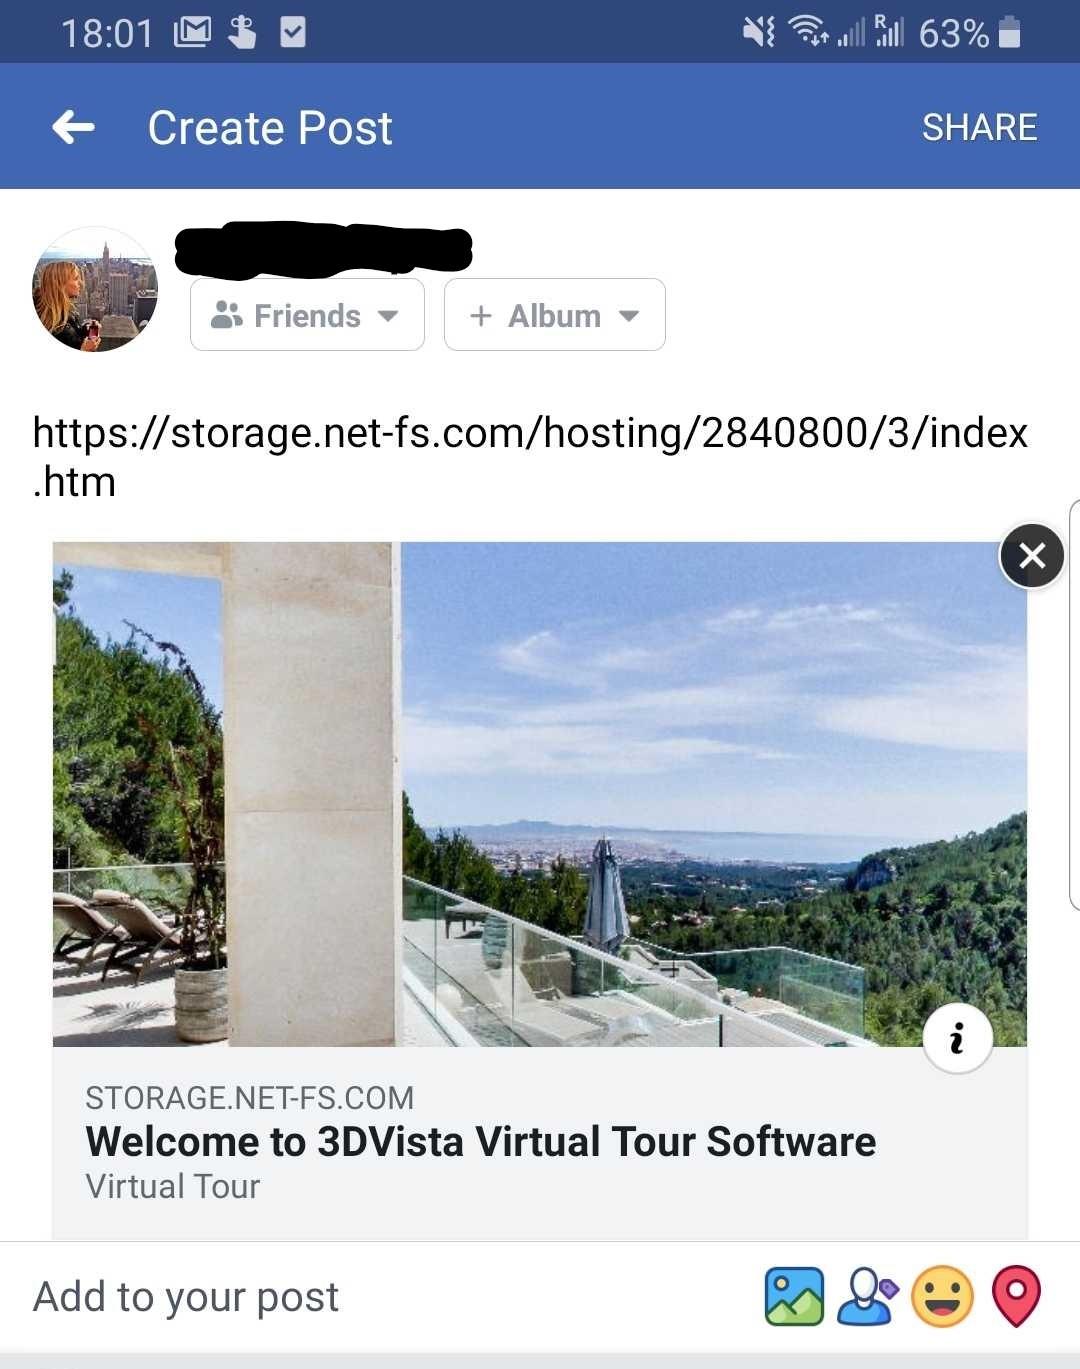 Miniaturas en las redes sociales